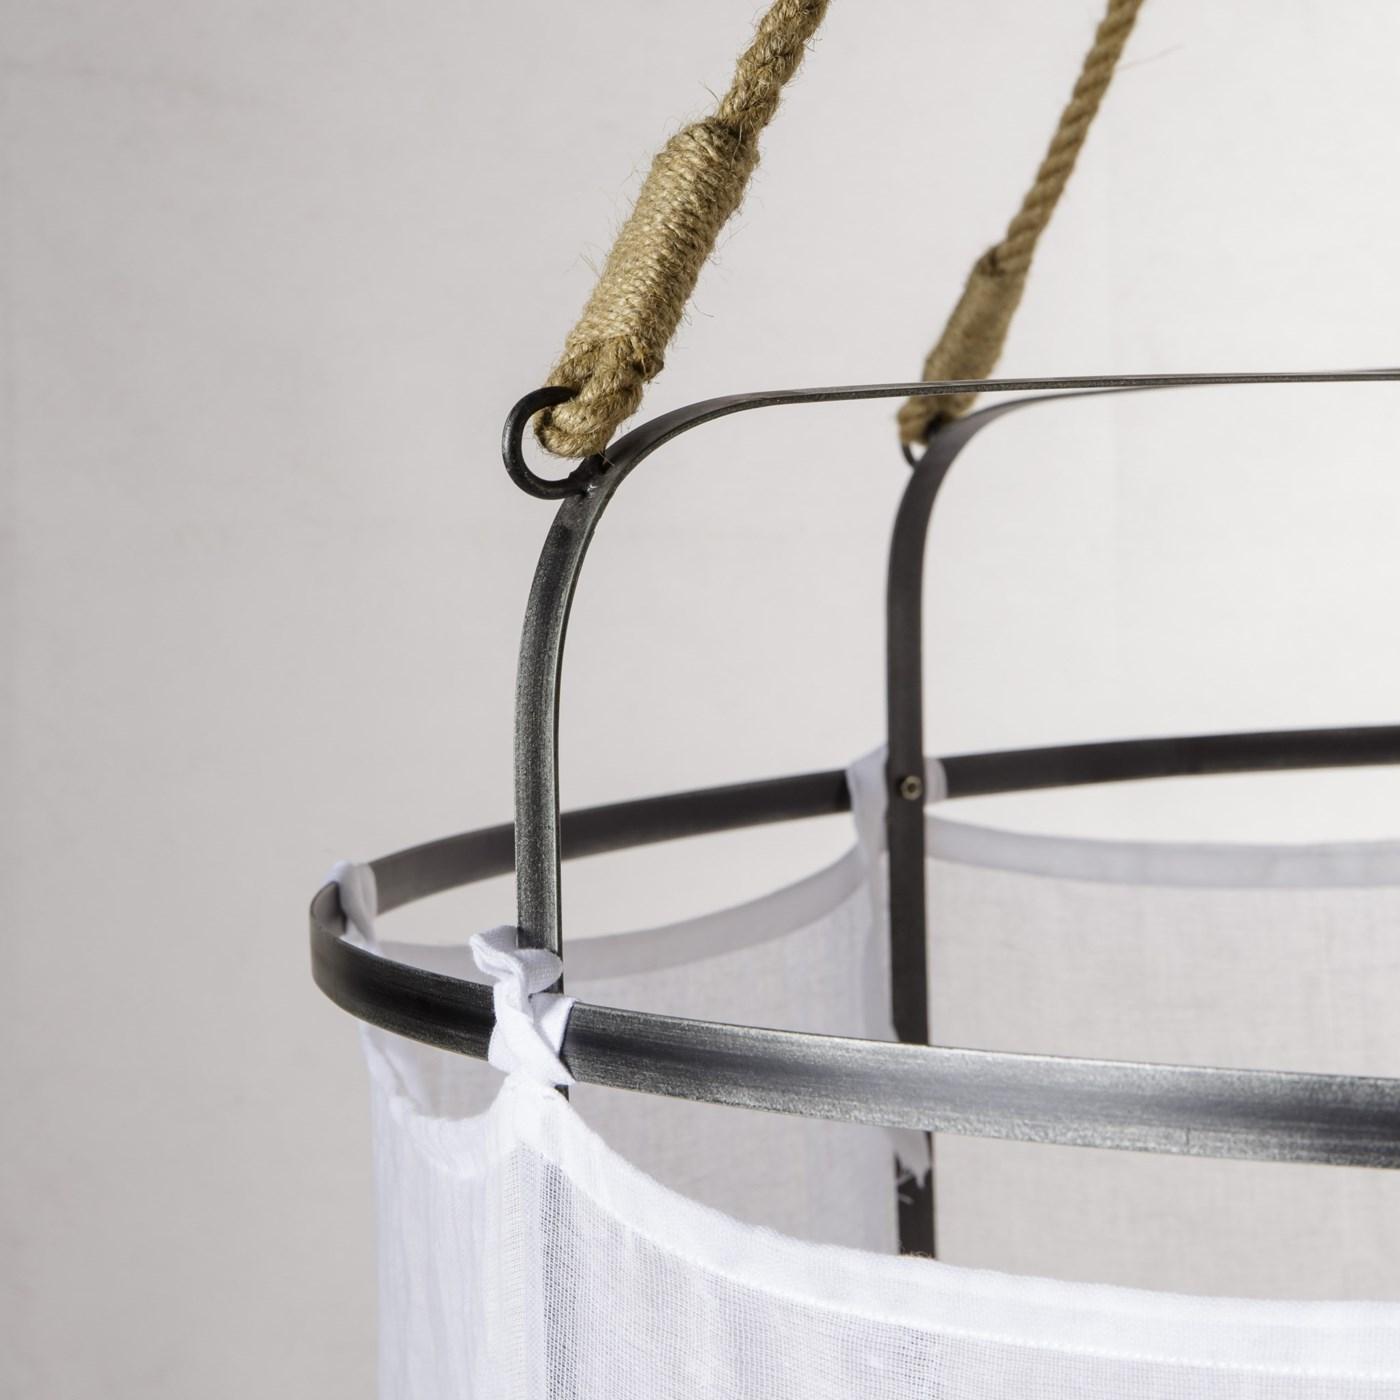 French Laundry Light - Large / White / 120v US